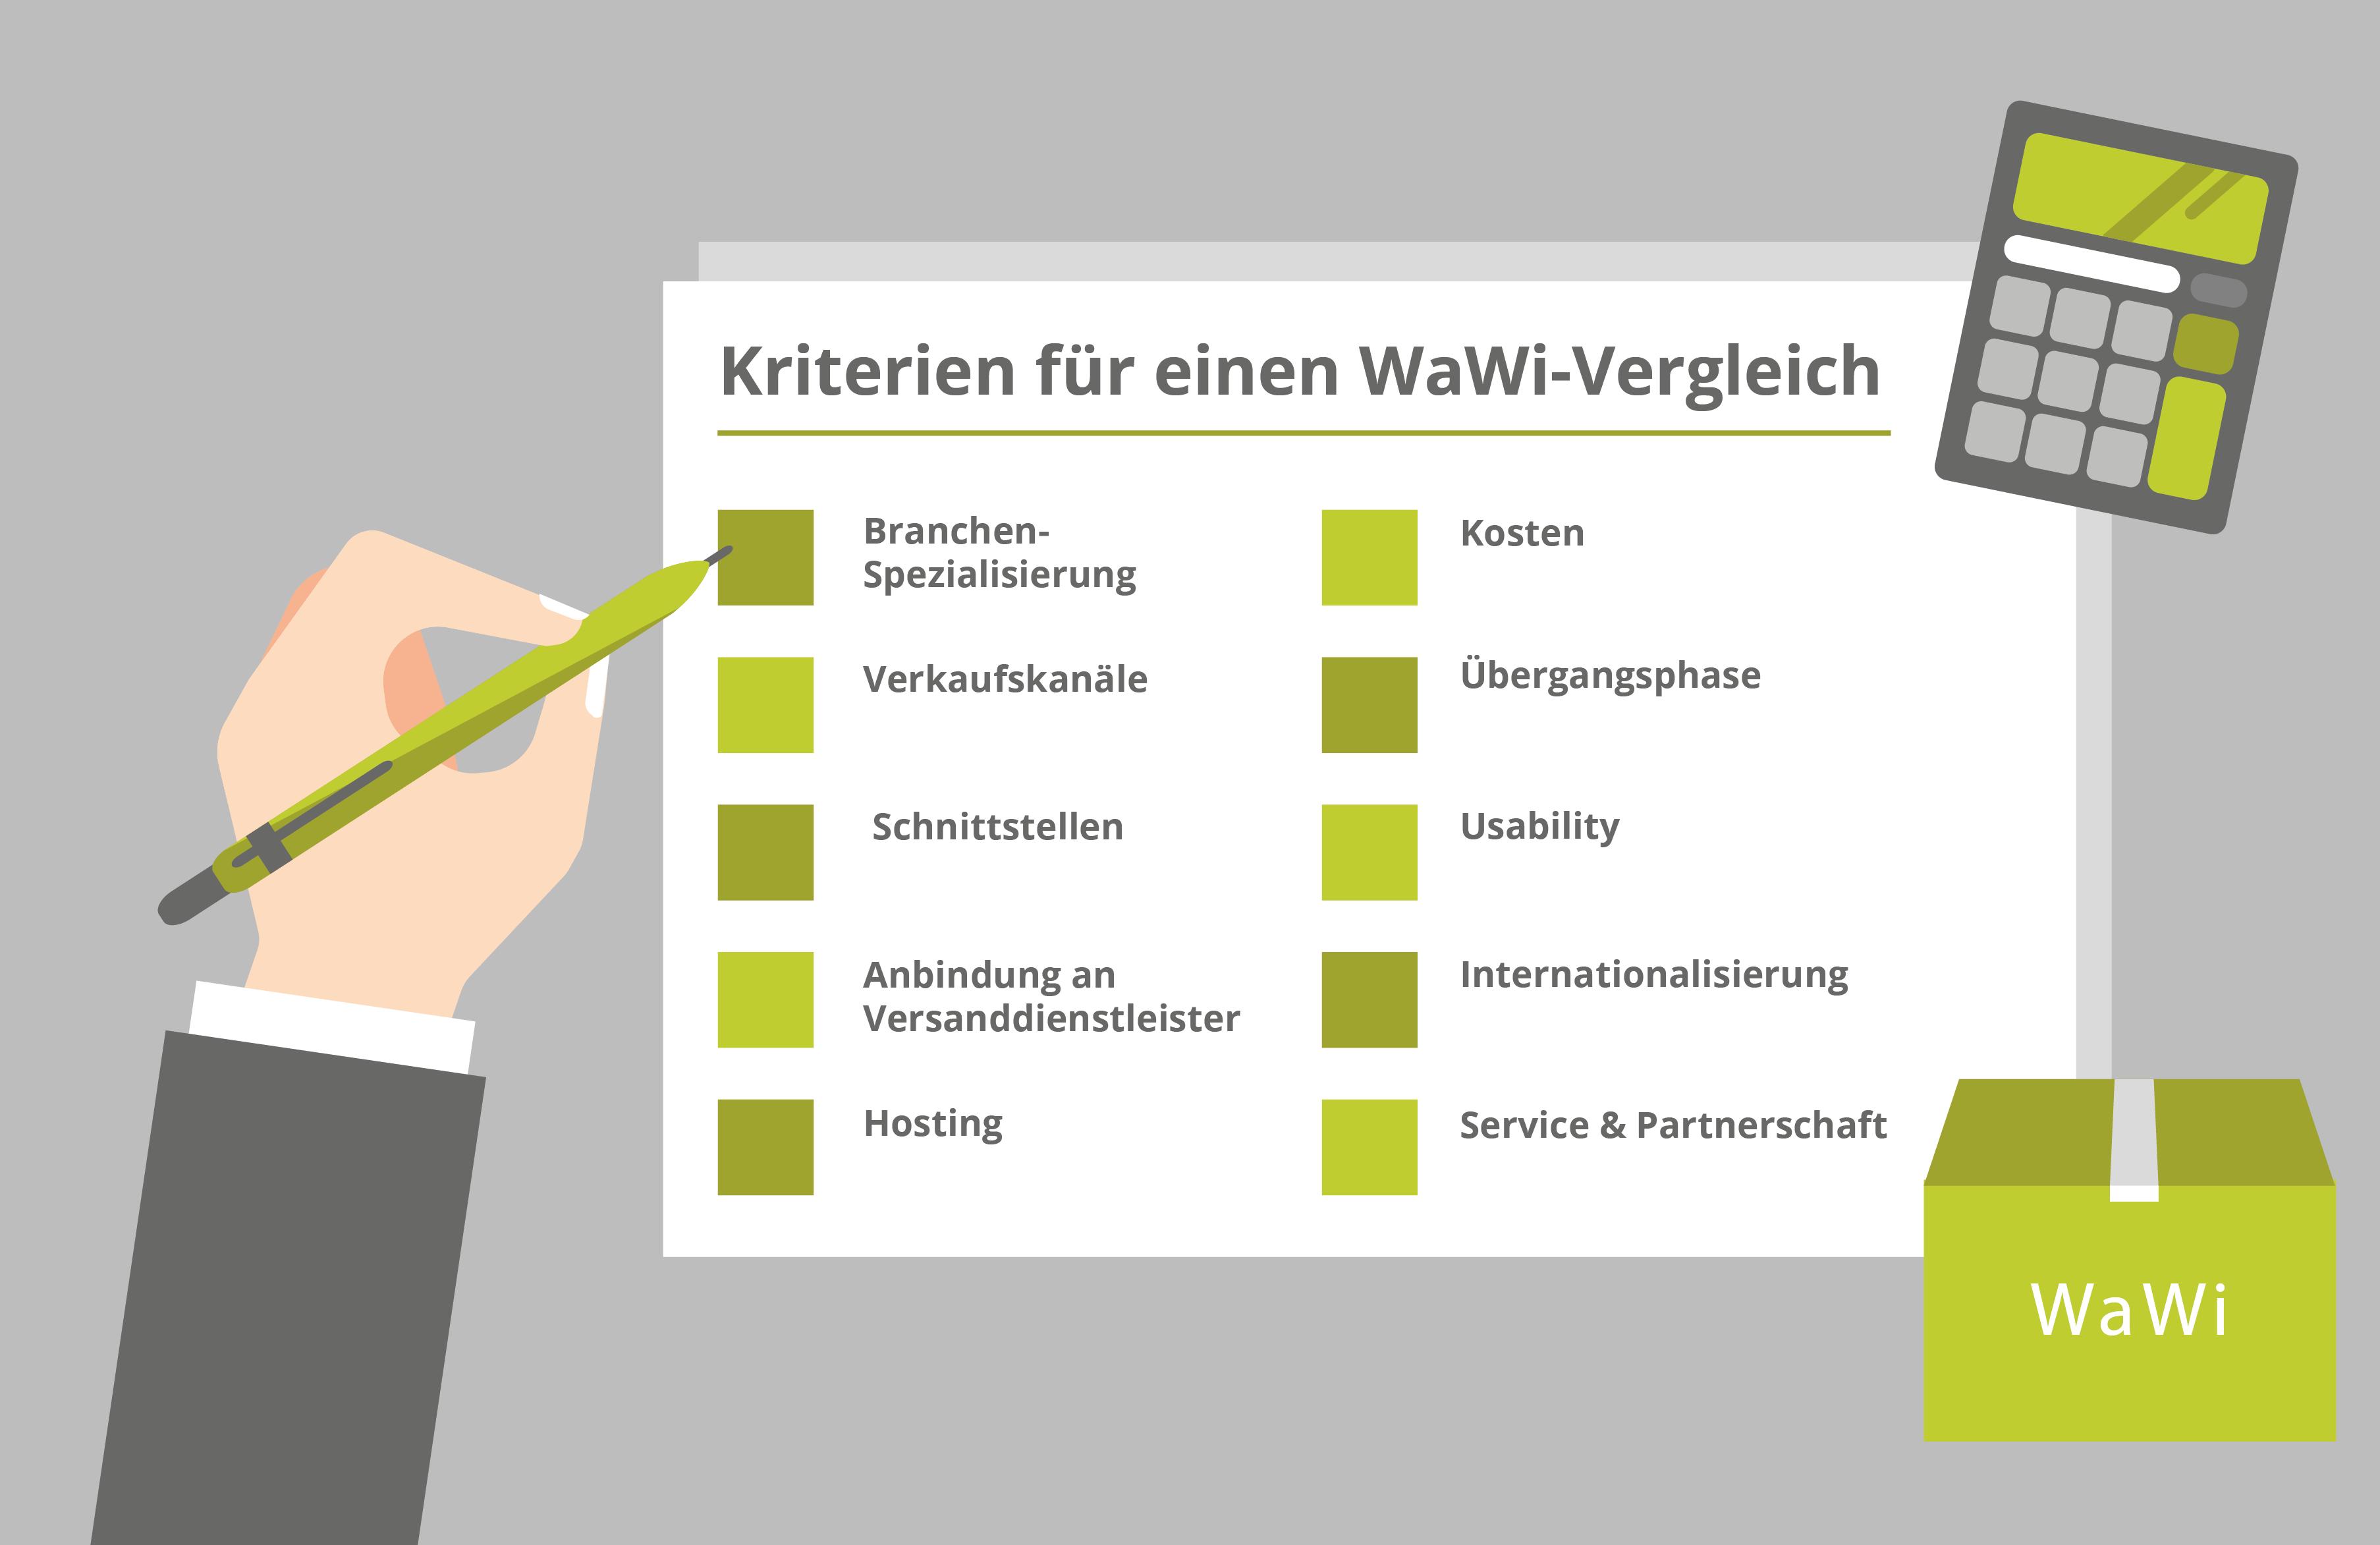 Wawi Vergleich Checkliste-03